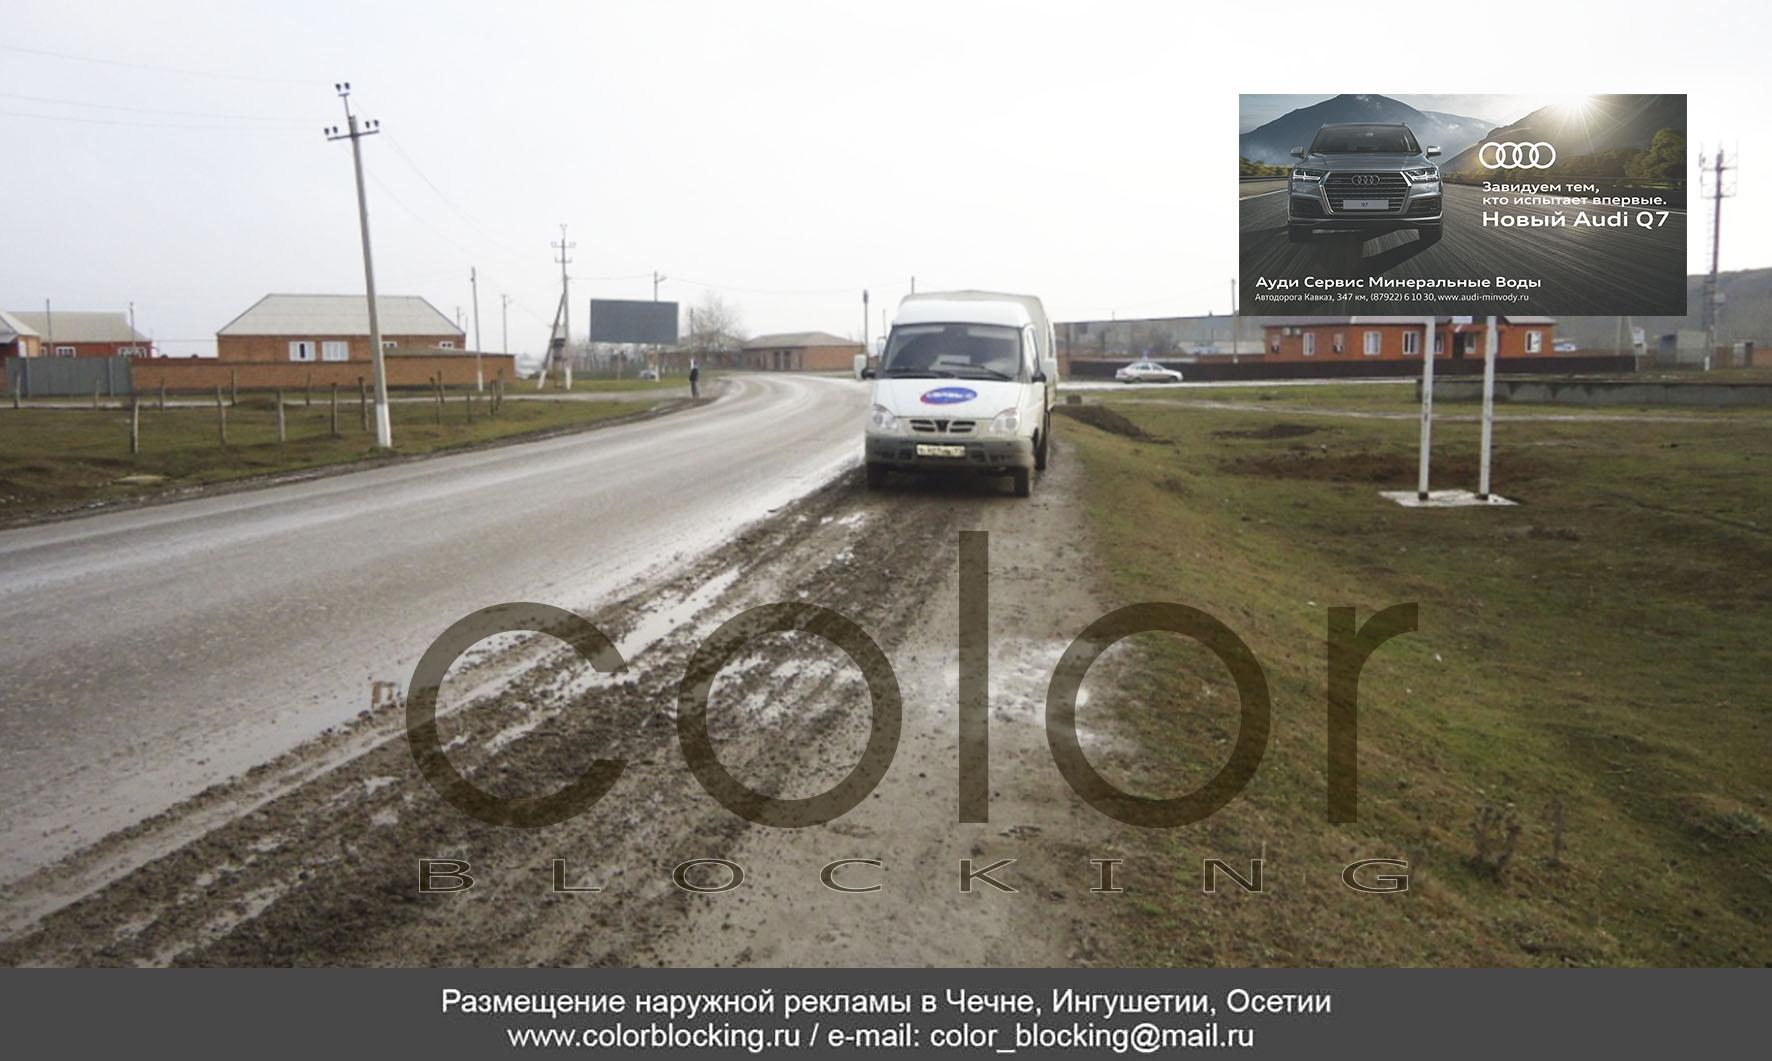 Наружная реклама в населенных пунктах Чечни верхний наур